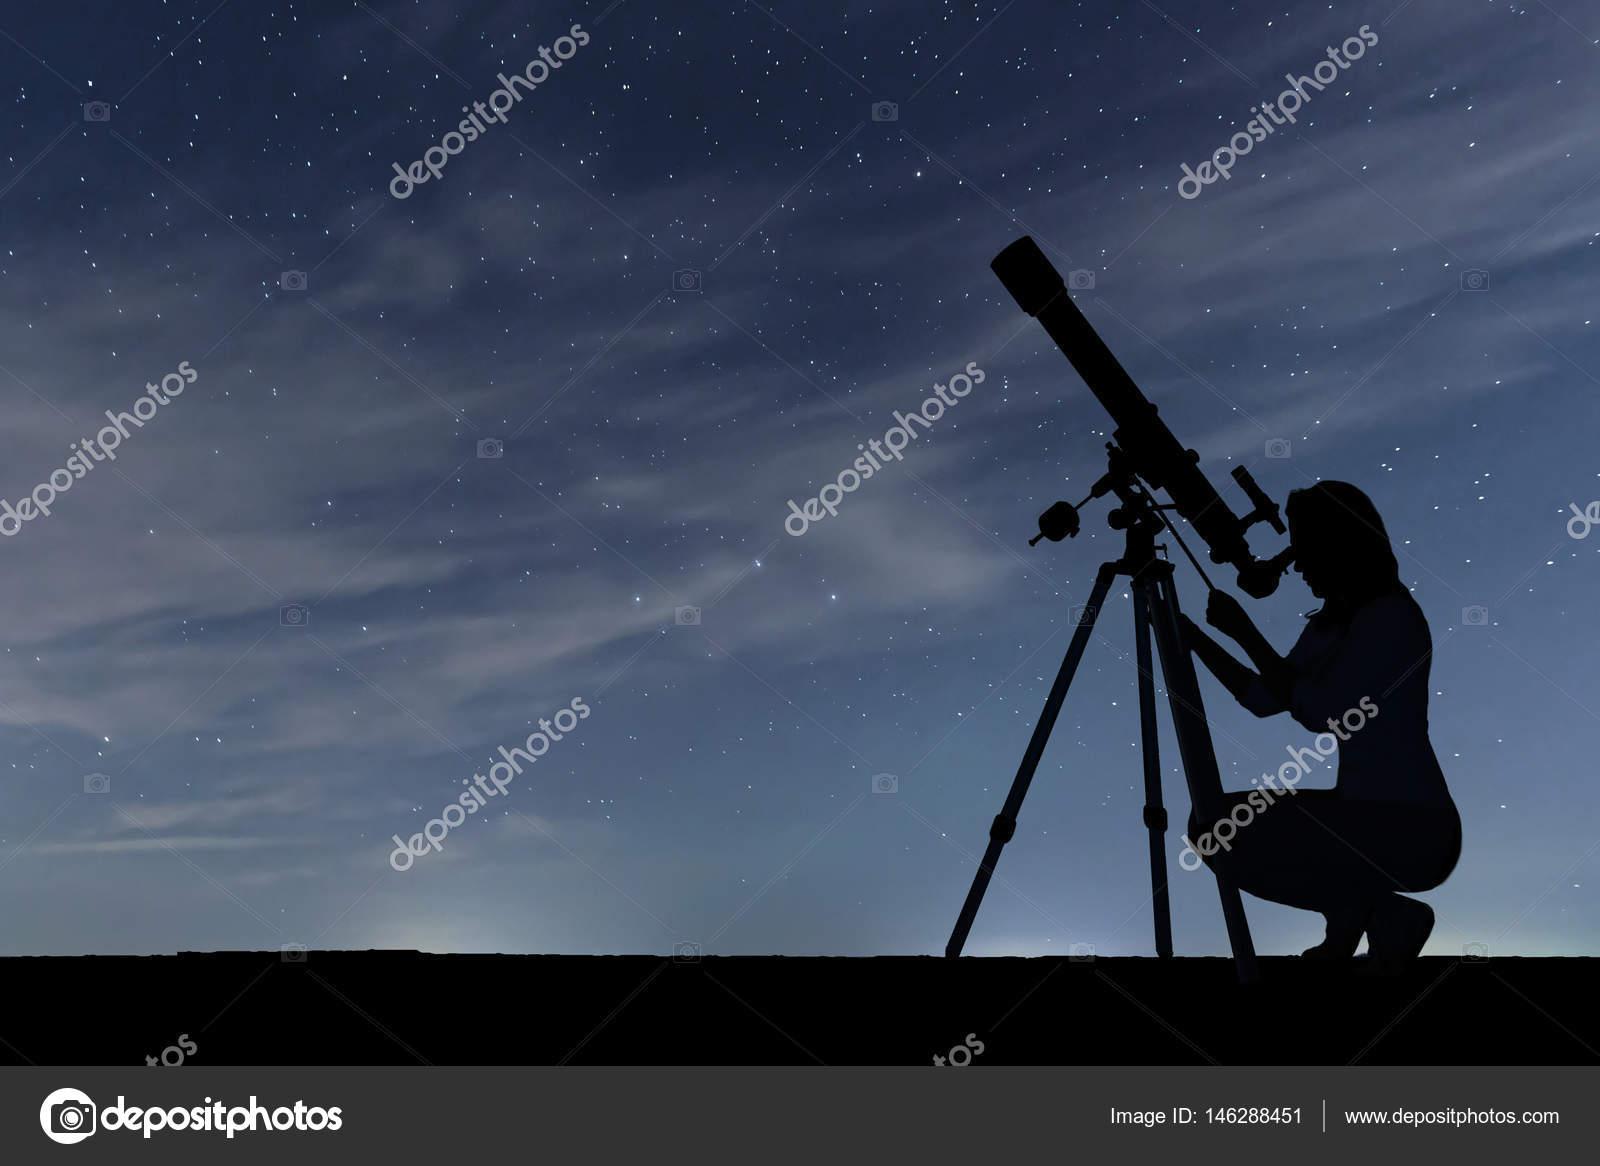 comment regarder les etoiles avec un telescope